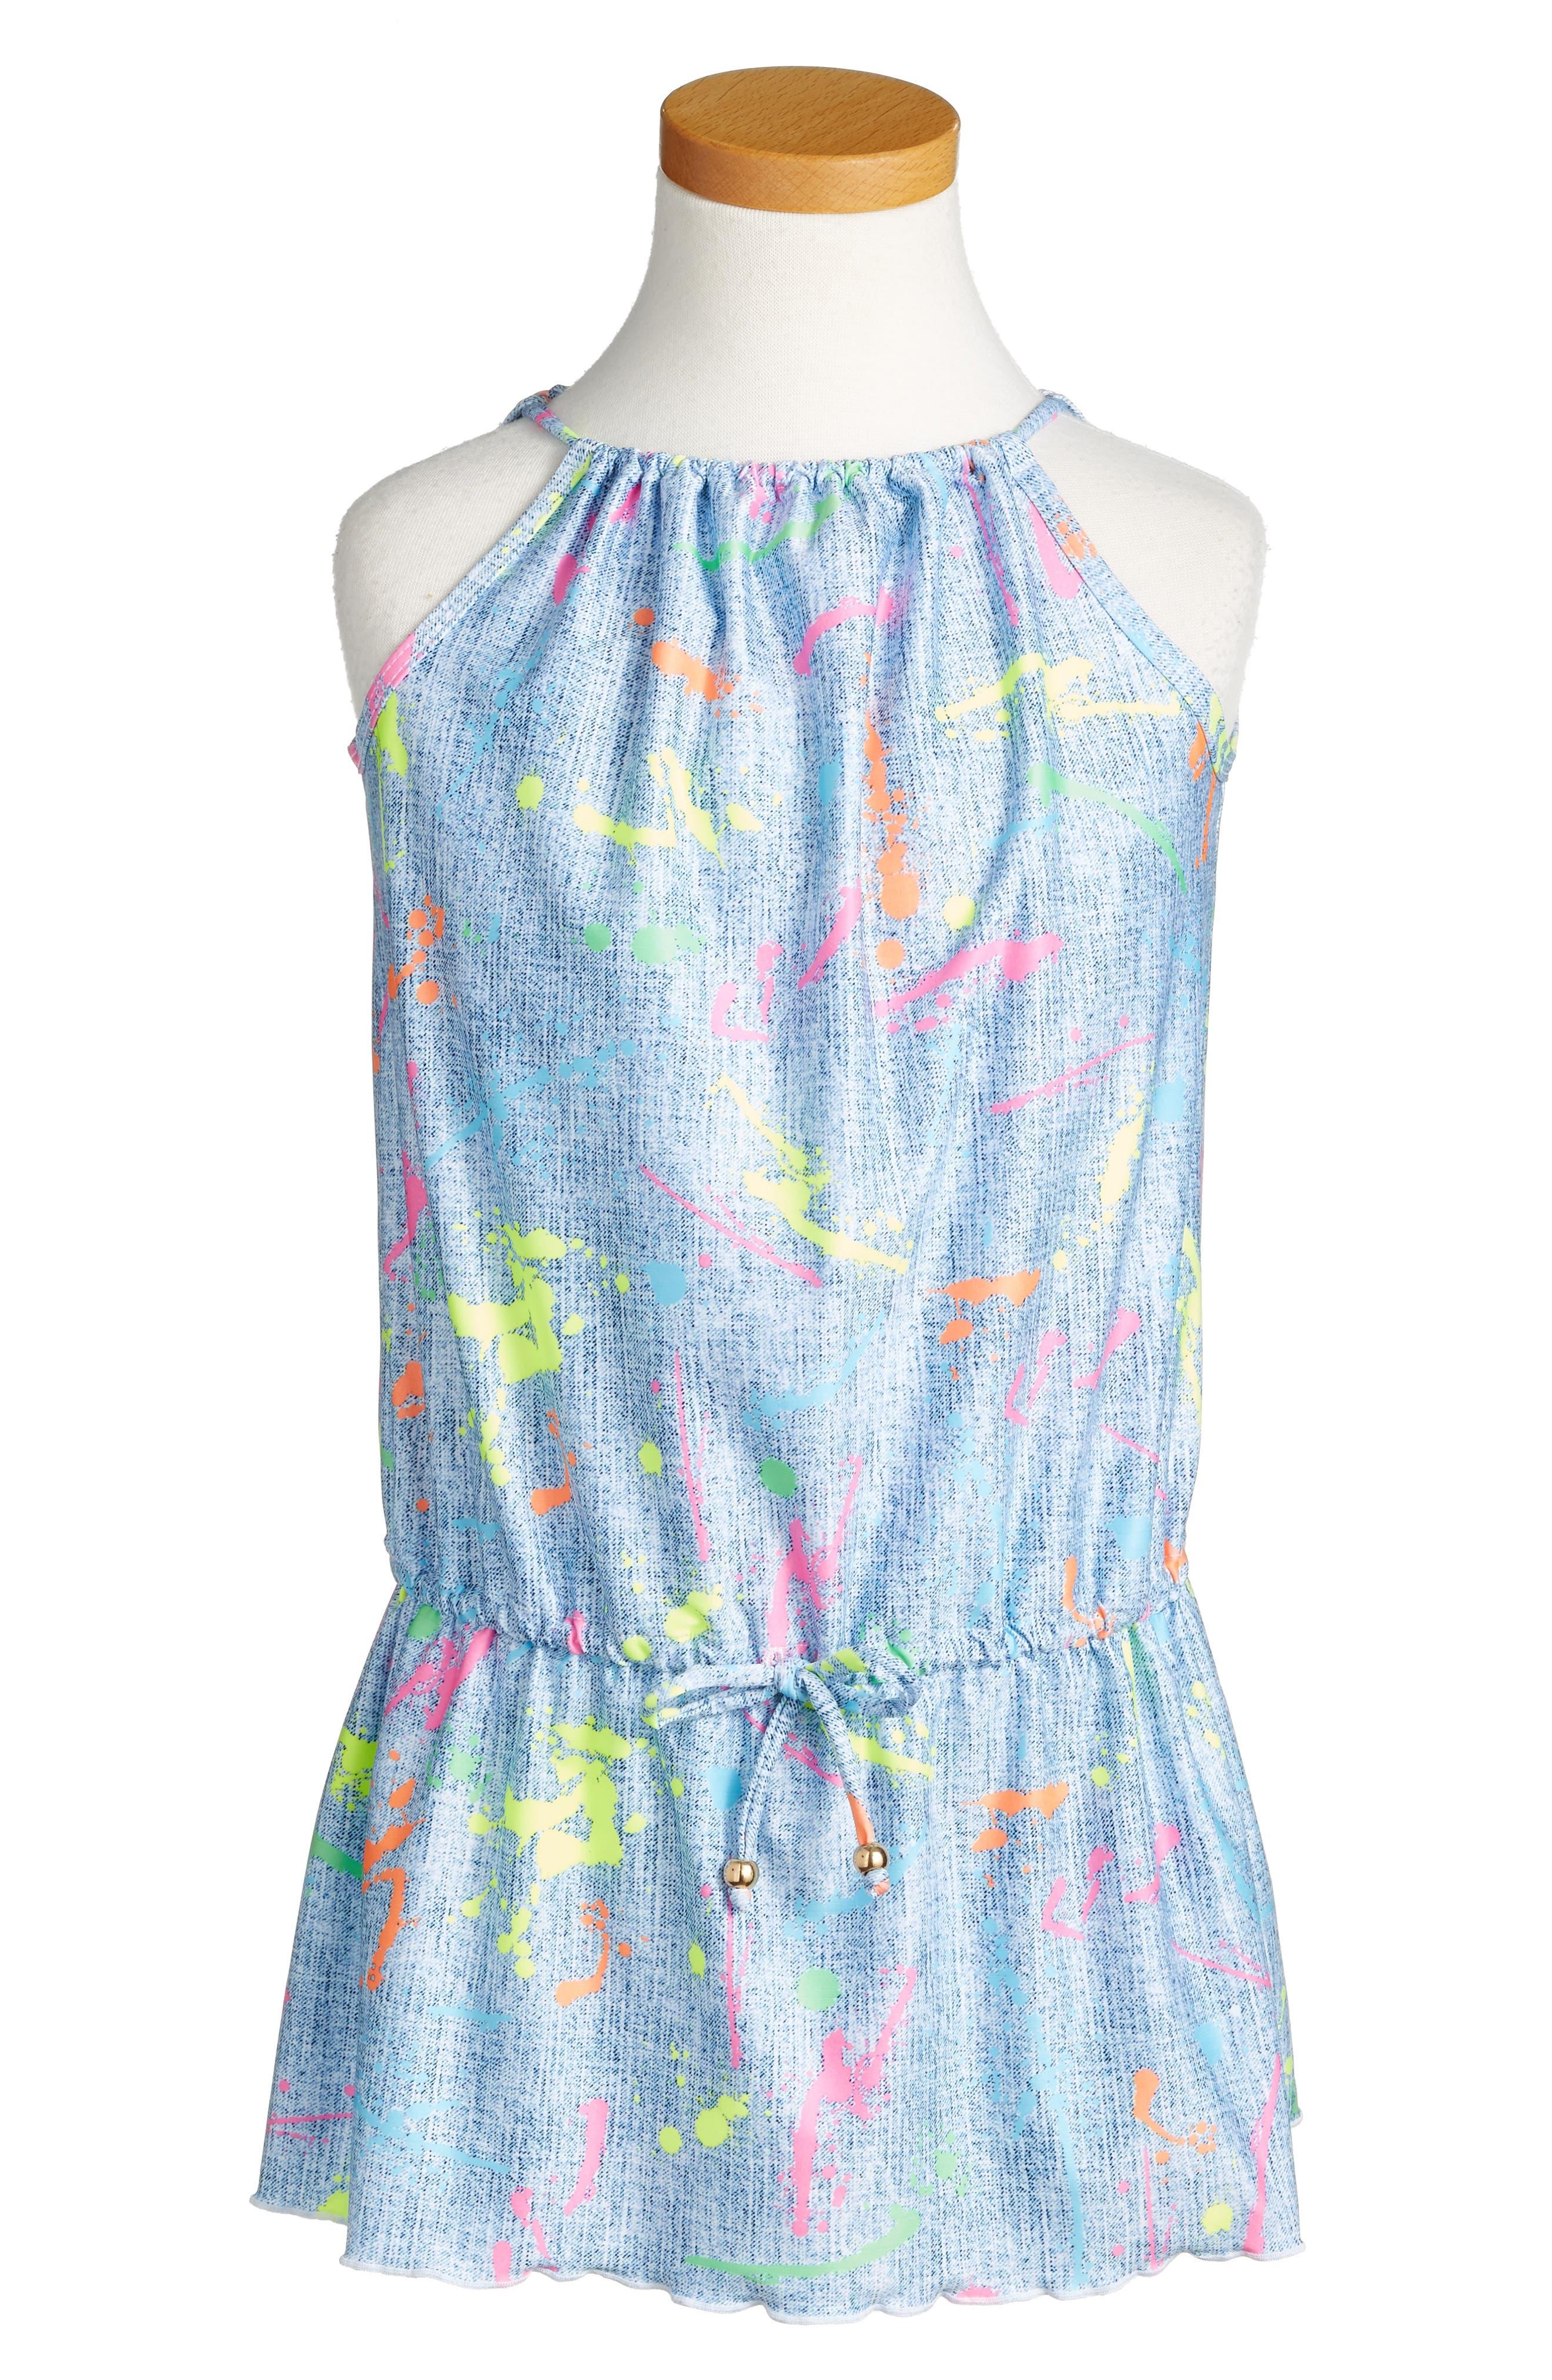 PILYQ Little Aurora Paint Splatter Cover-Up Dress